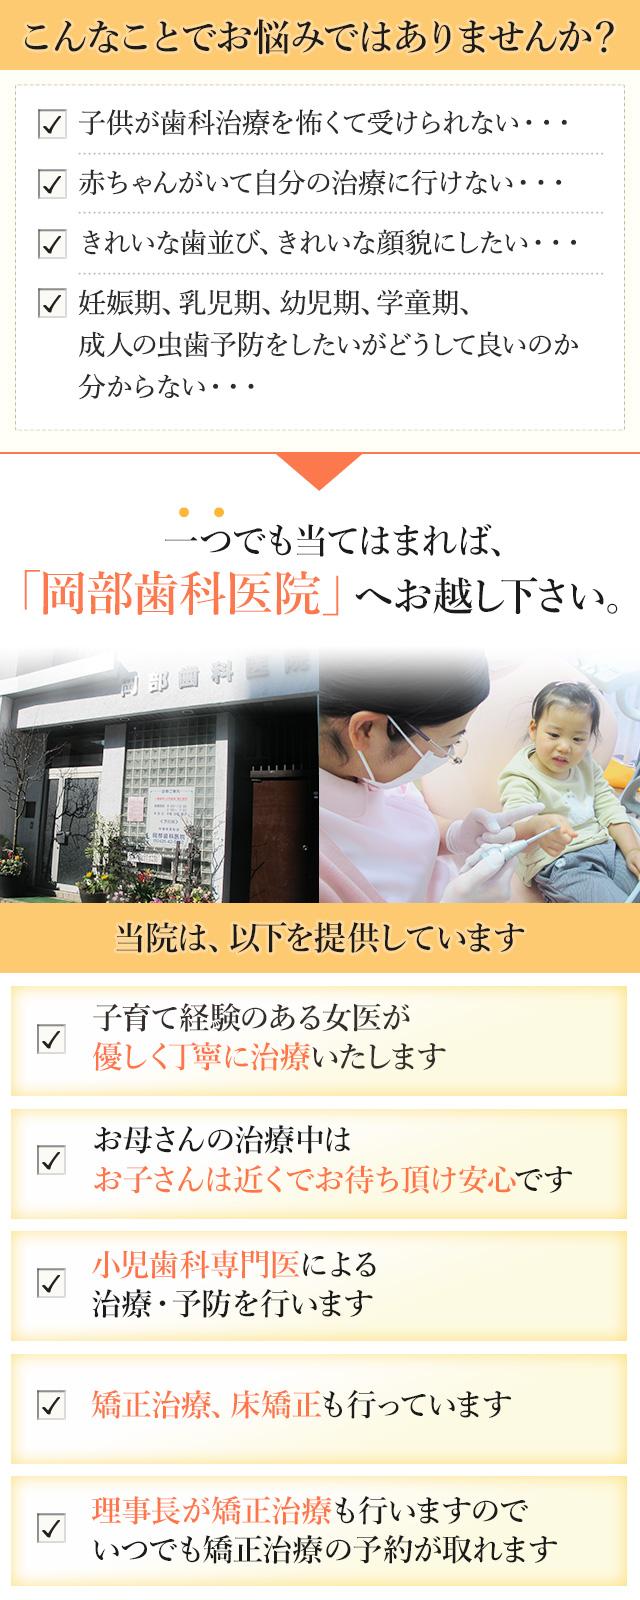 子供が歯科治療を怖くて受けられない・・・赤ちゃんがいて自分の治療に行けない・・・きれいな歯並び、きれいな顔貌にしたい・・・妊娠期、乳児期、幼児期、学童期、成人の虫歯予防をしたいがどうして良いのか分からない・・・